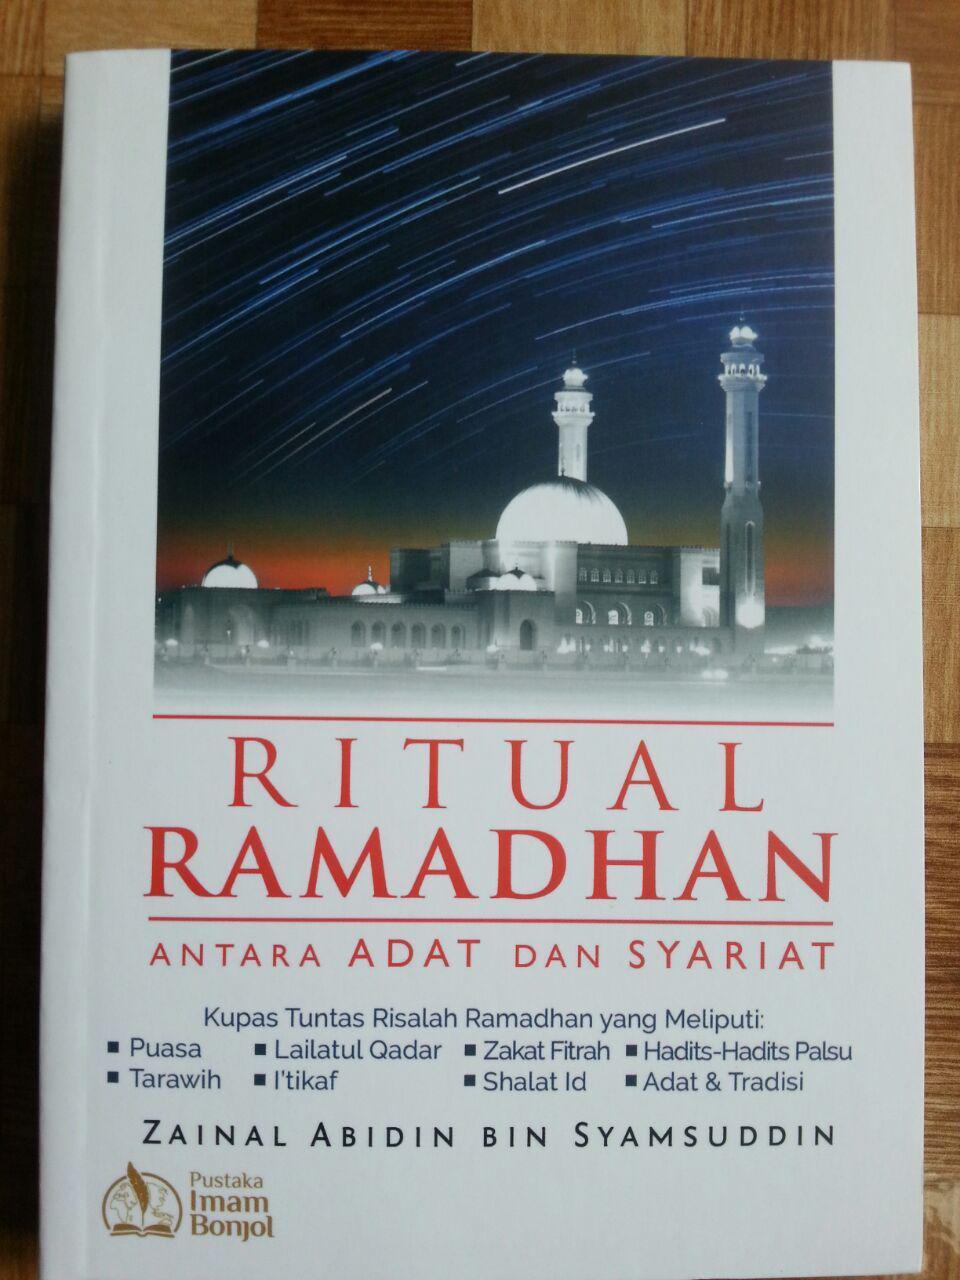 Buku Ritual Ramadhan Antara Adat Dan Syariat cover